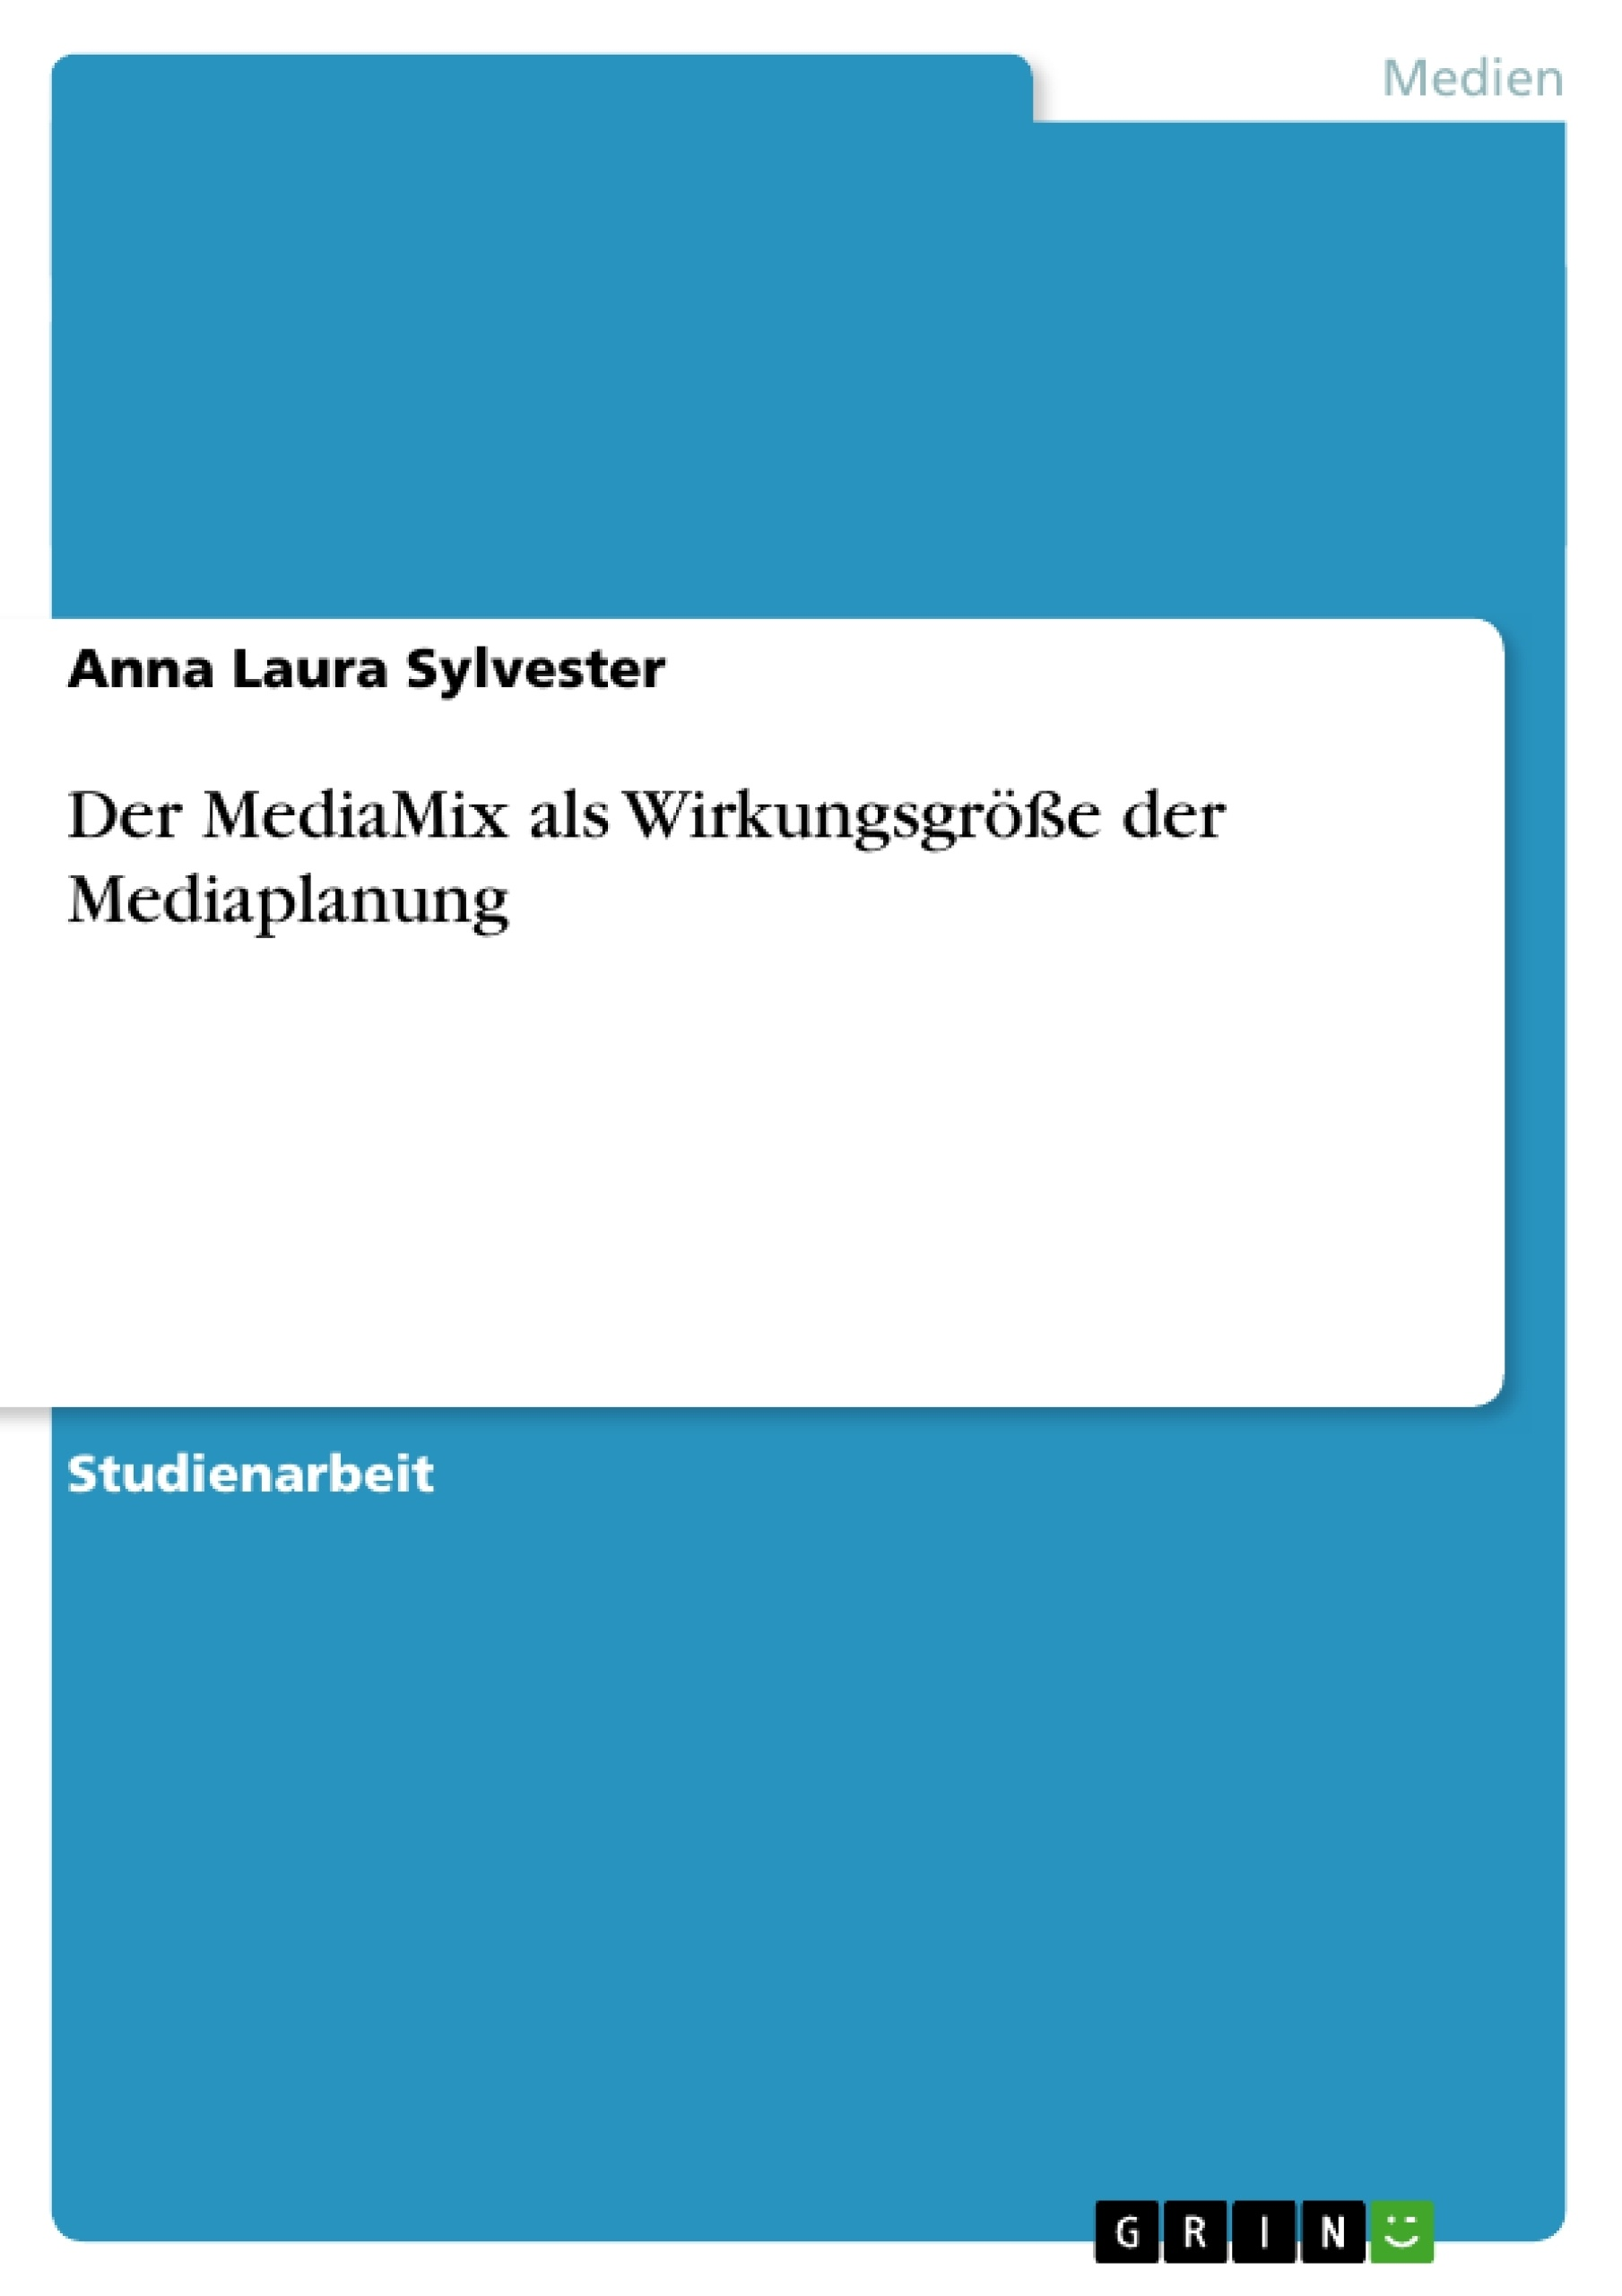 Titel: Der MediaMix als Wirkungsgröße der Mediaplanung